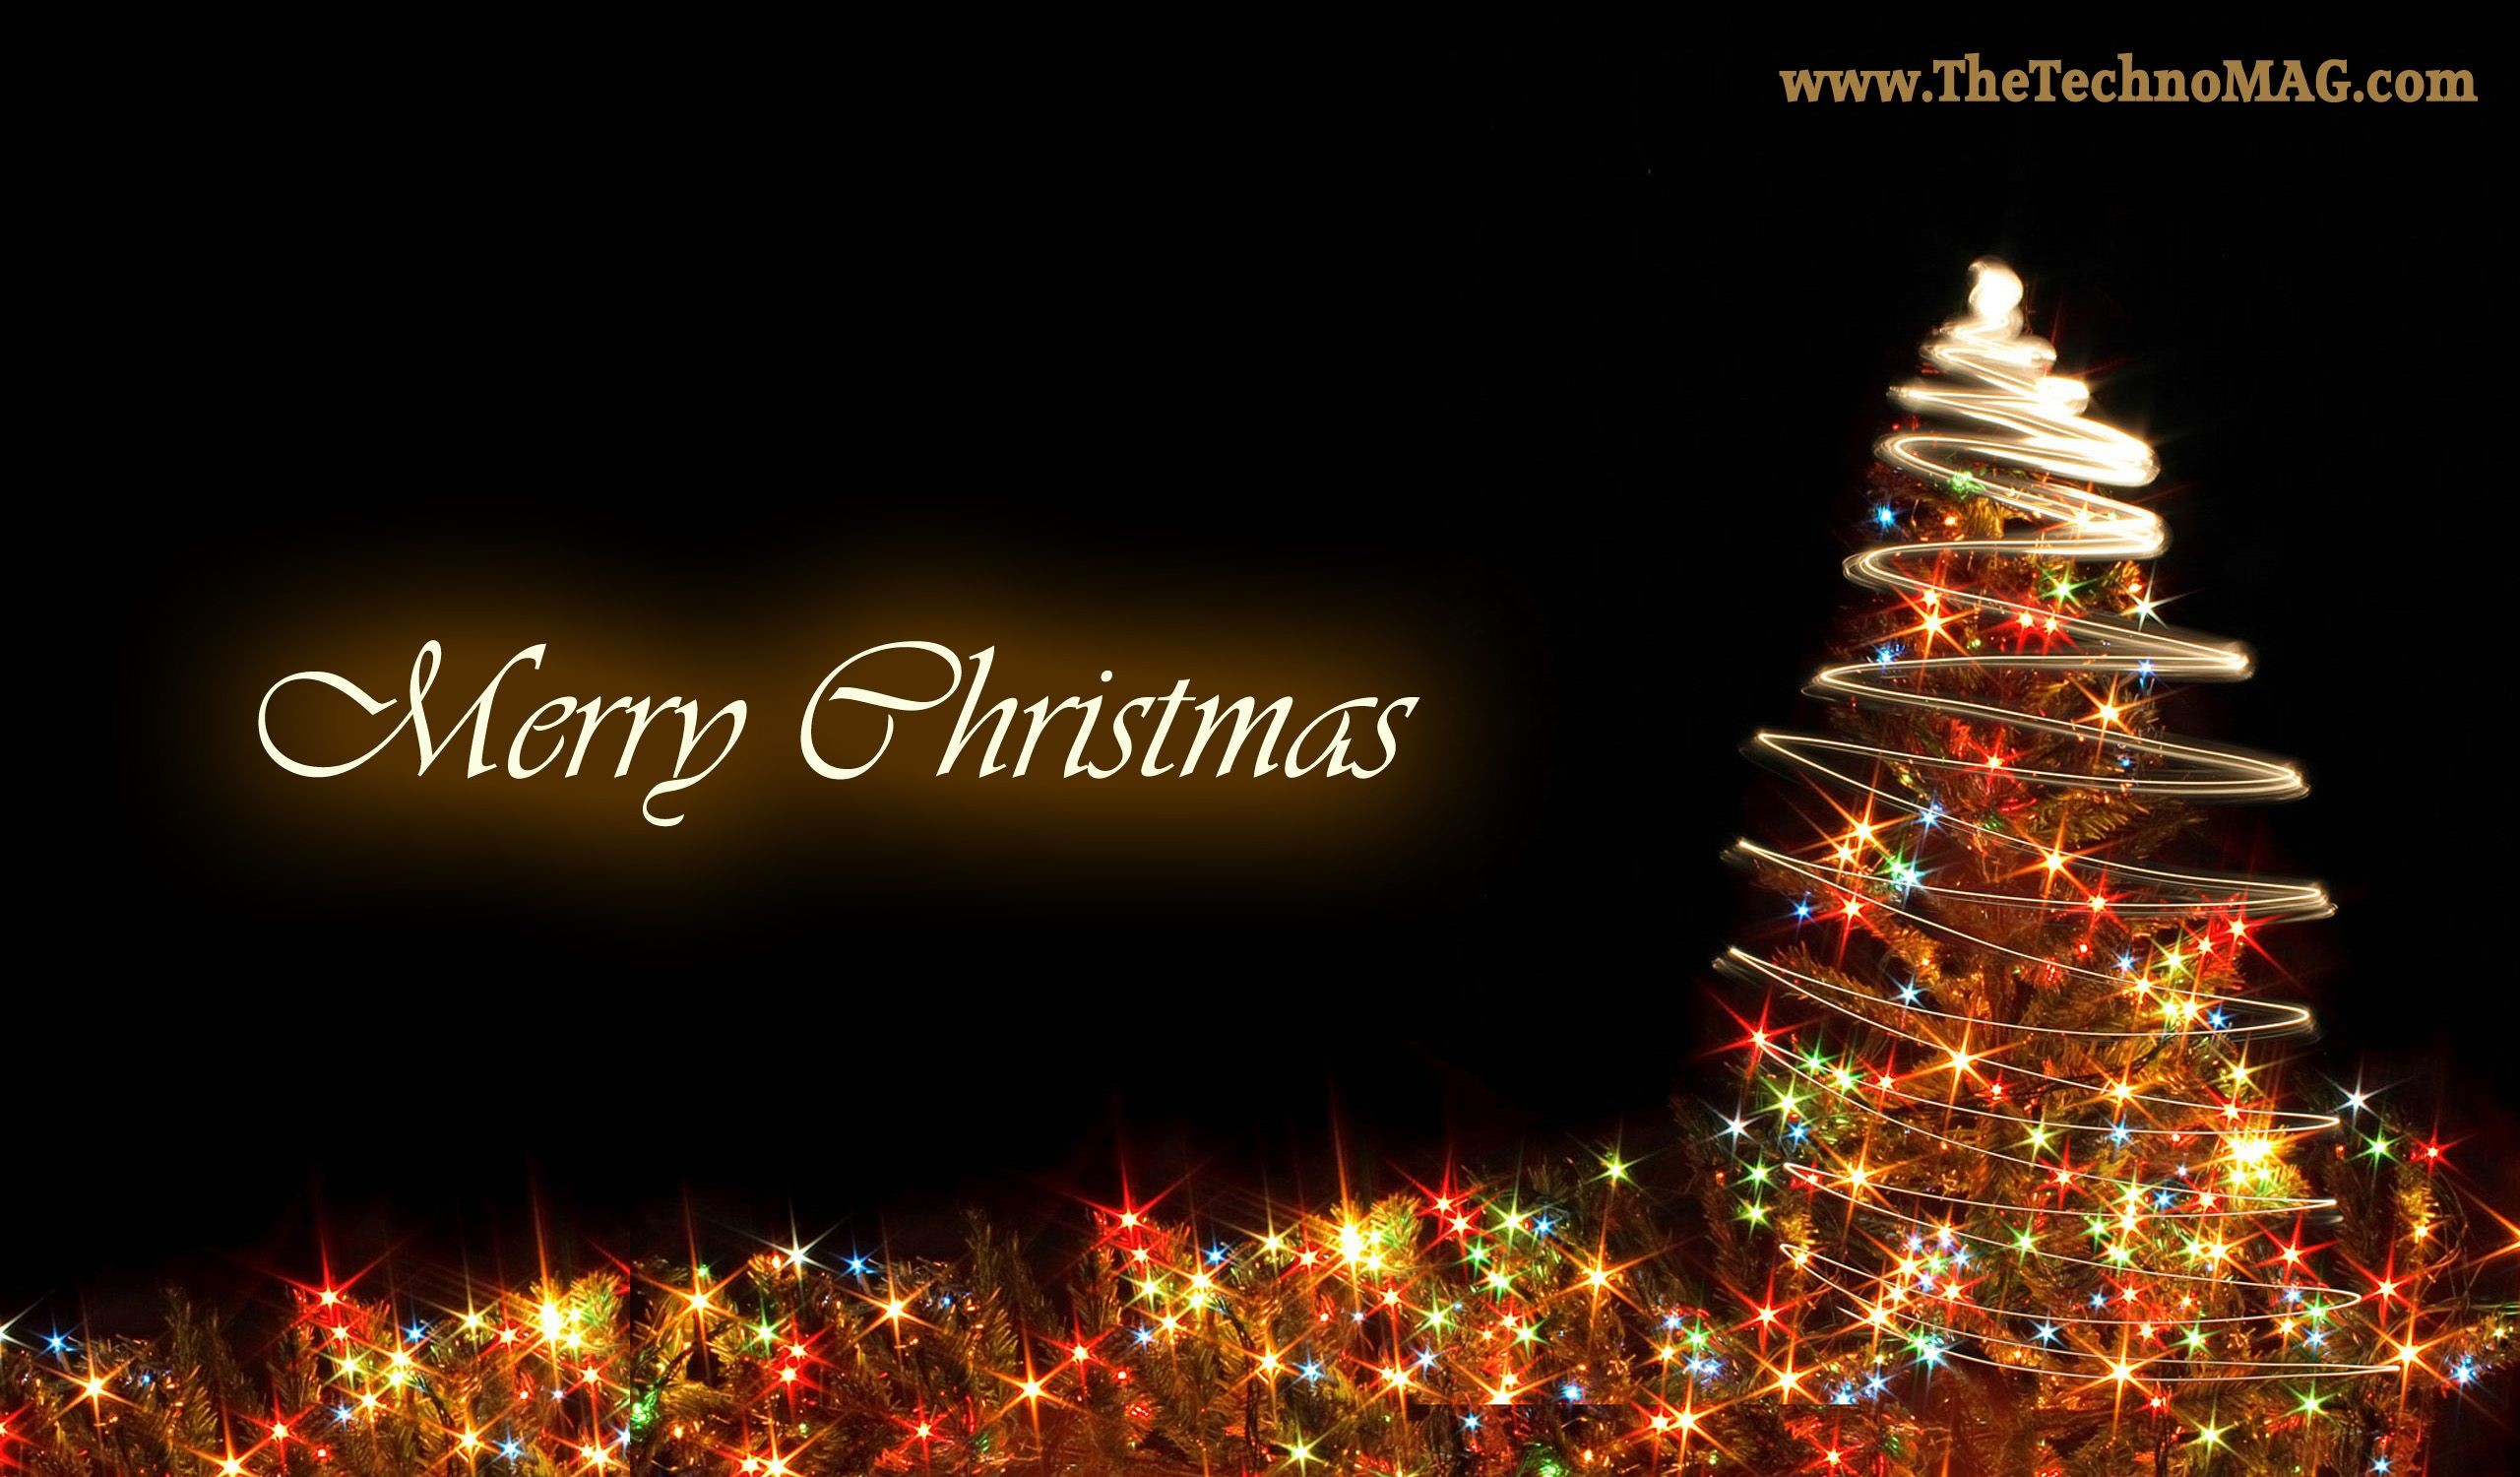 christmas | Animated Christmas Wallpapers | Christmas Wallpaper | home for  Christmas! | Pinterest | Christmas wallpaper, Animated christmas wallpaper  and …